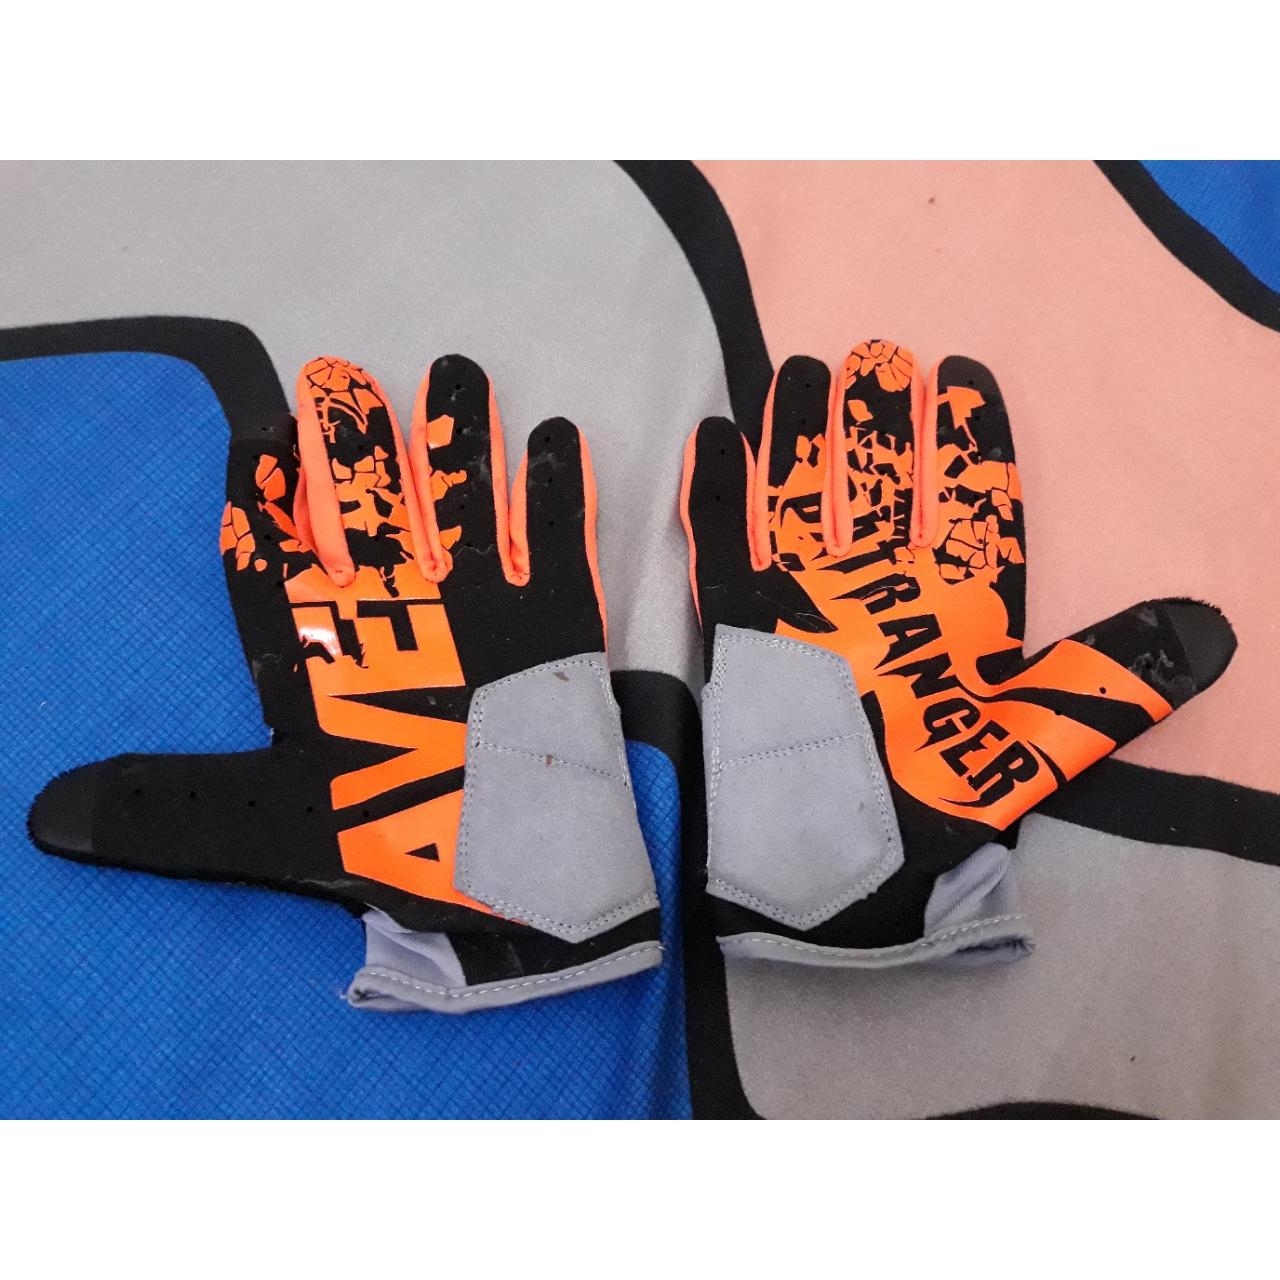 Avelio Gloves